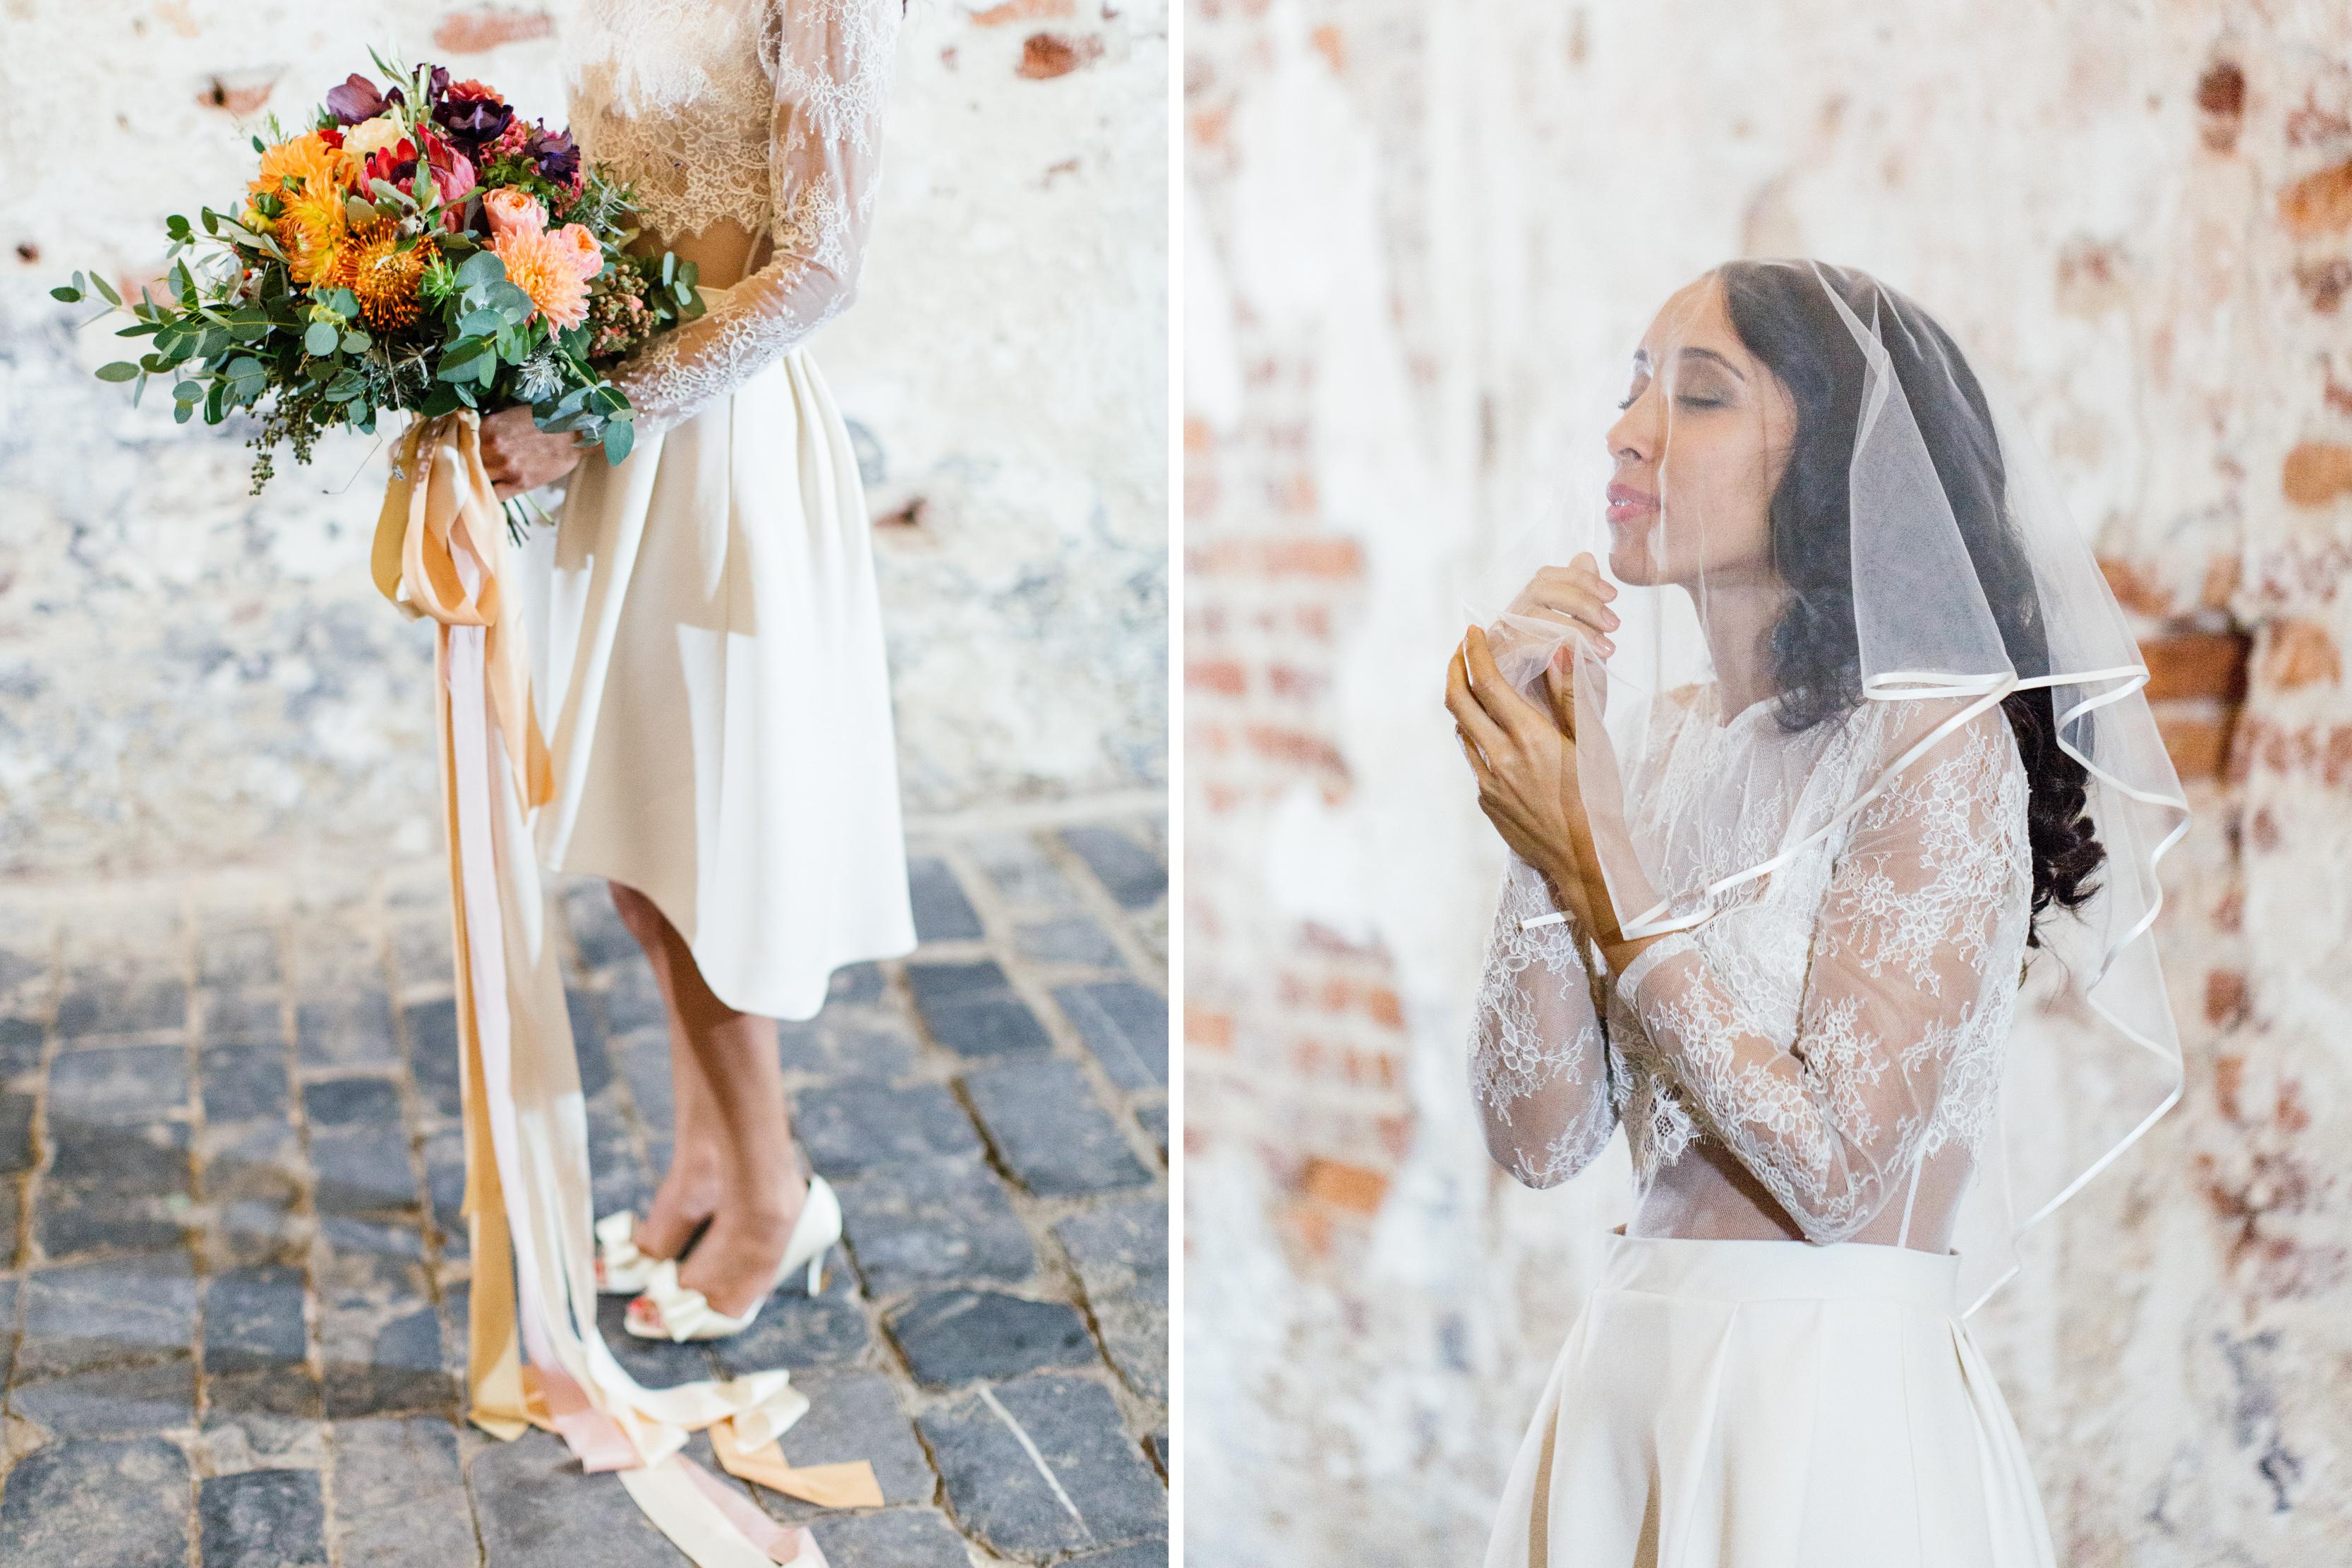 Hochzeitsfotografin Anna Mardo